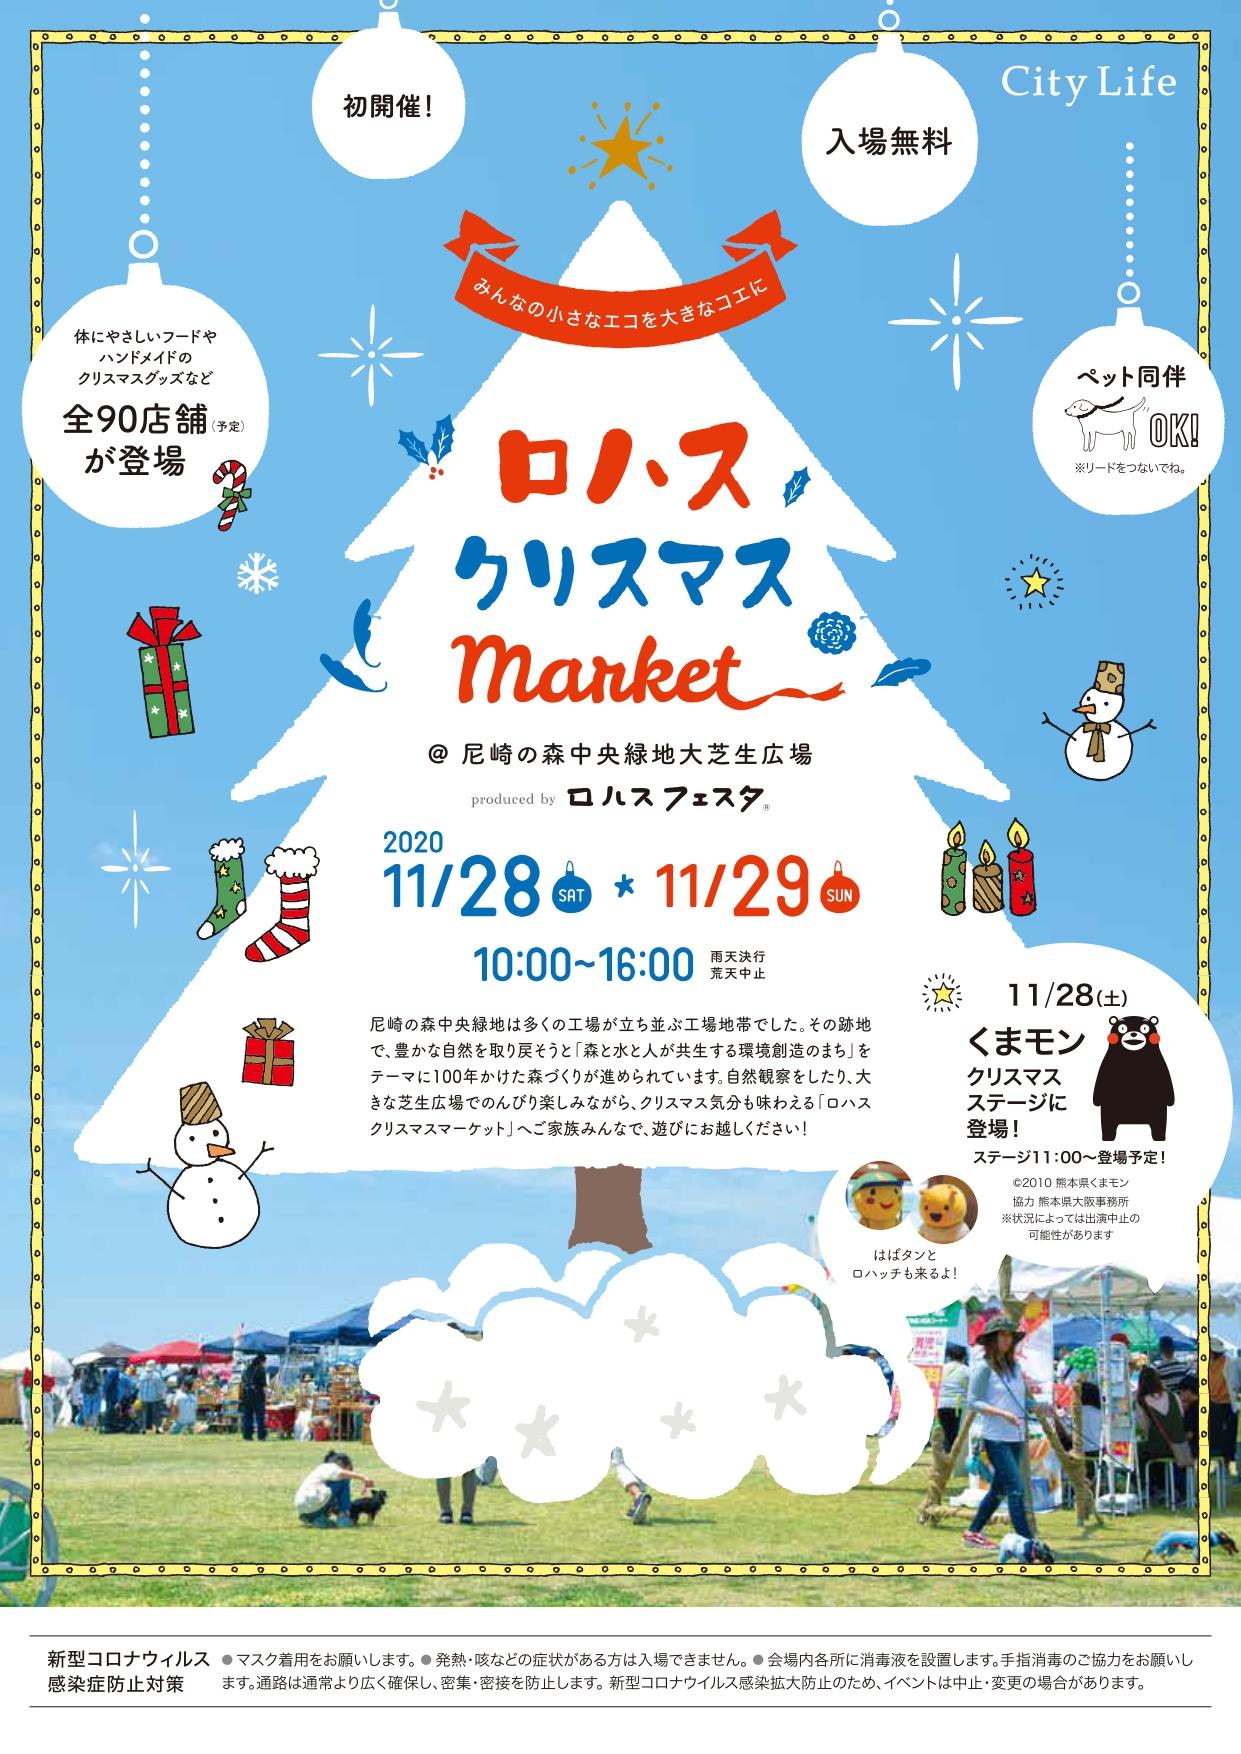 ロハスクリスマスマーケット、イベント詳細はこちらから